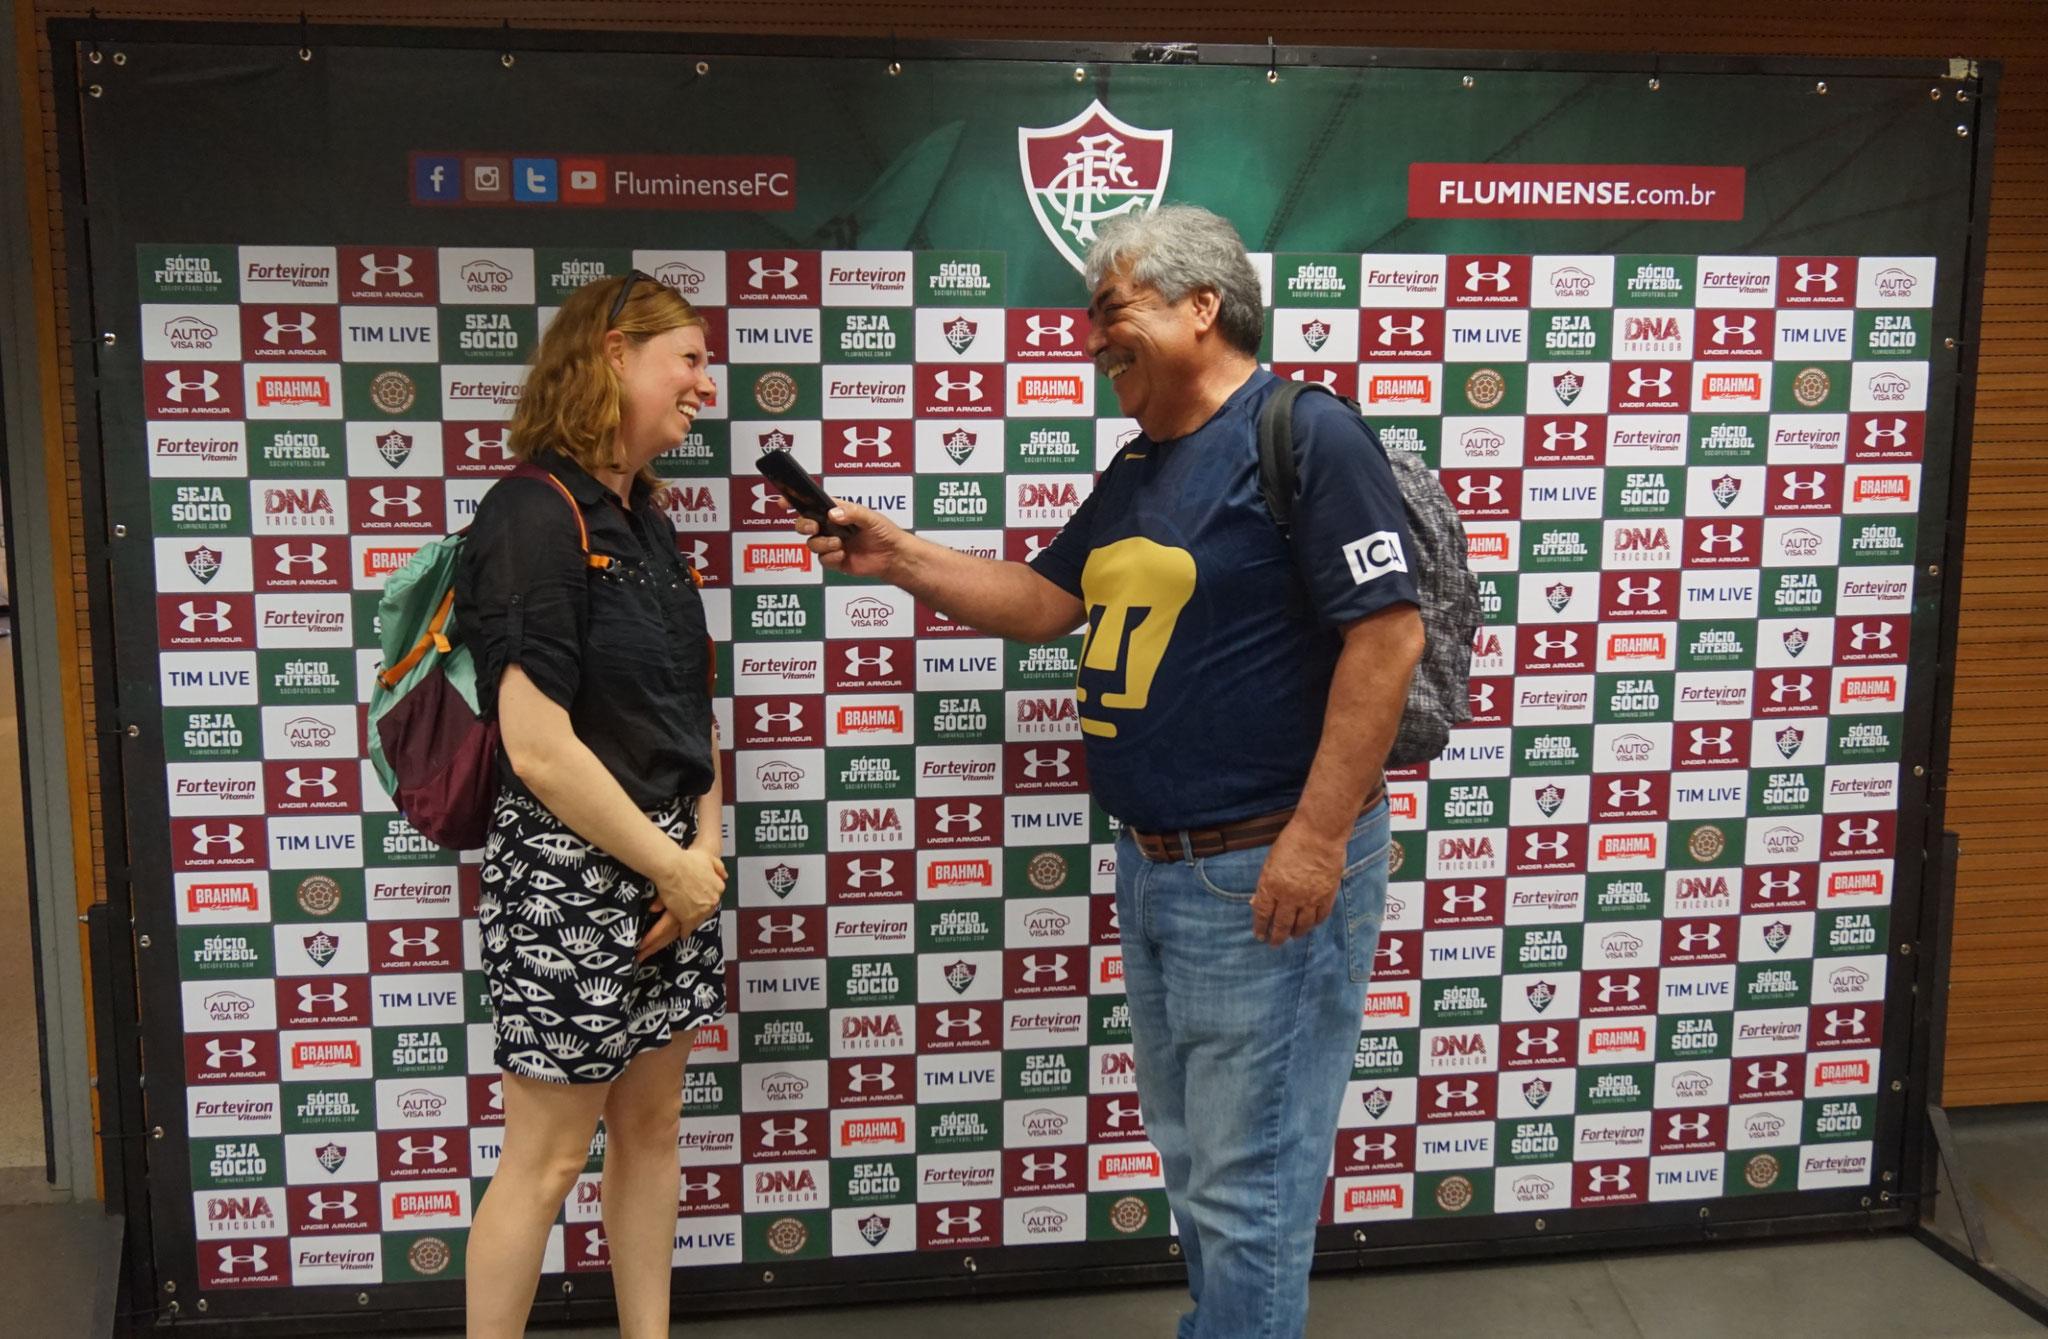 Uta wird im TV als neue Fluminense Trainerin vorgestellt